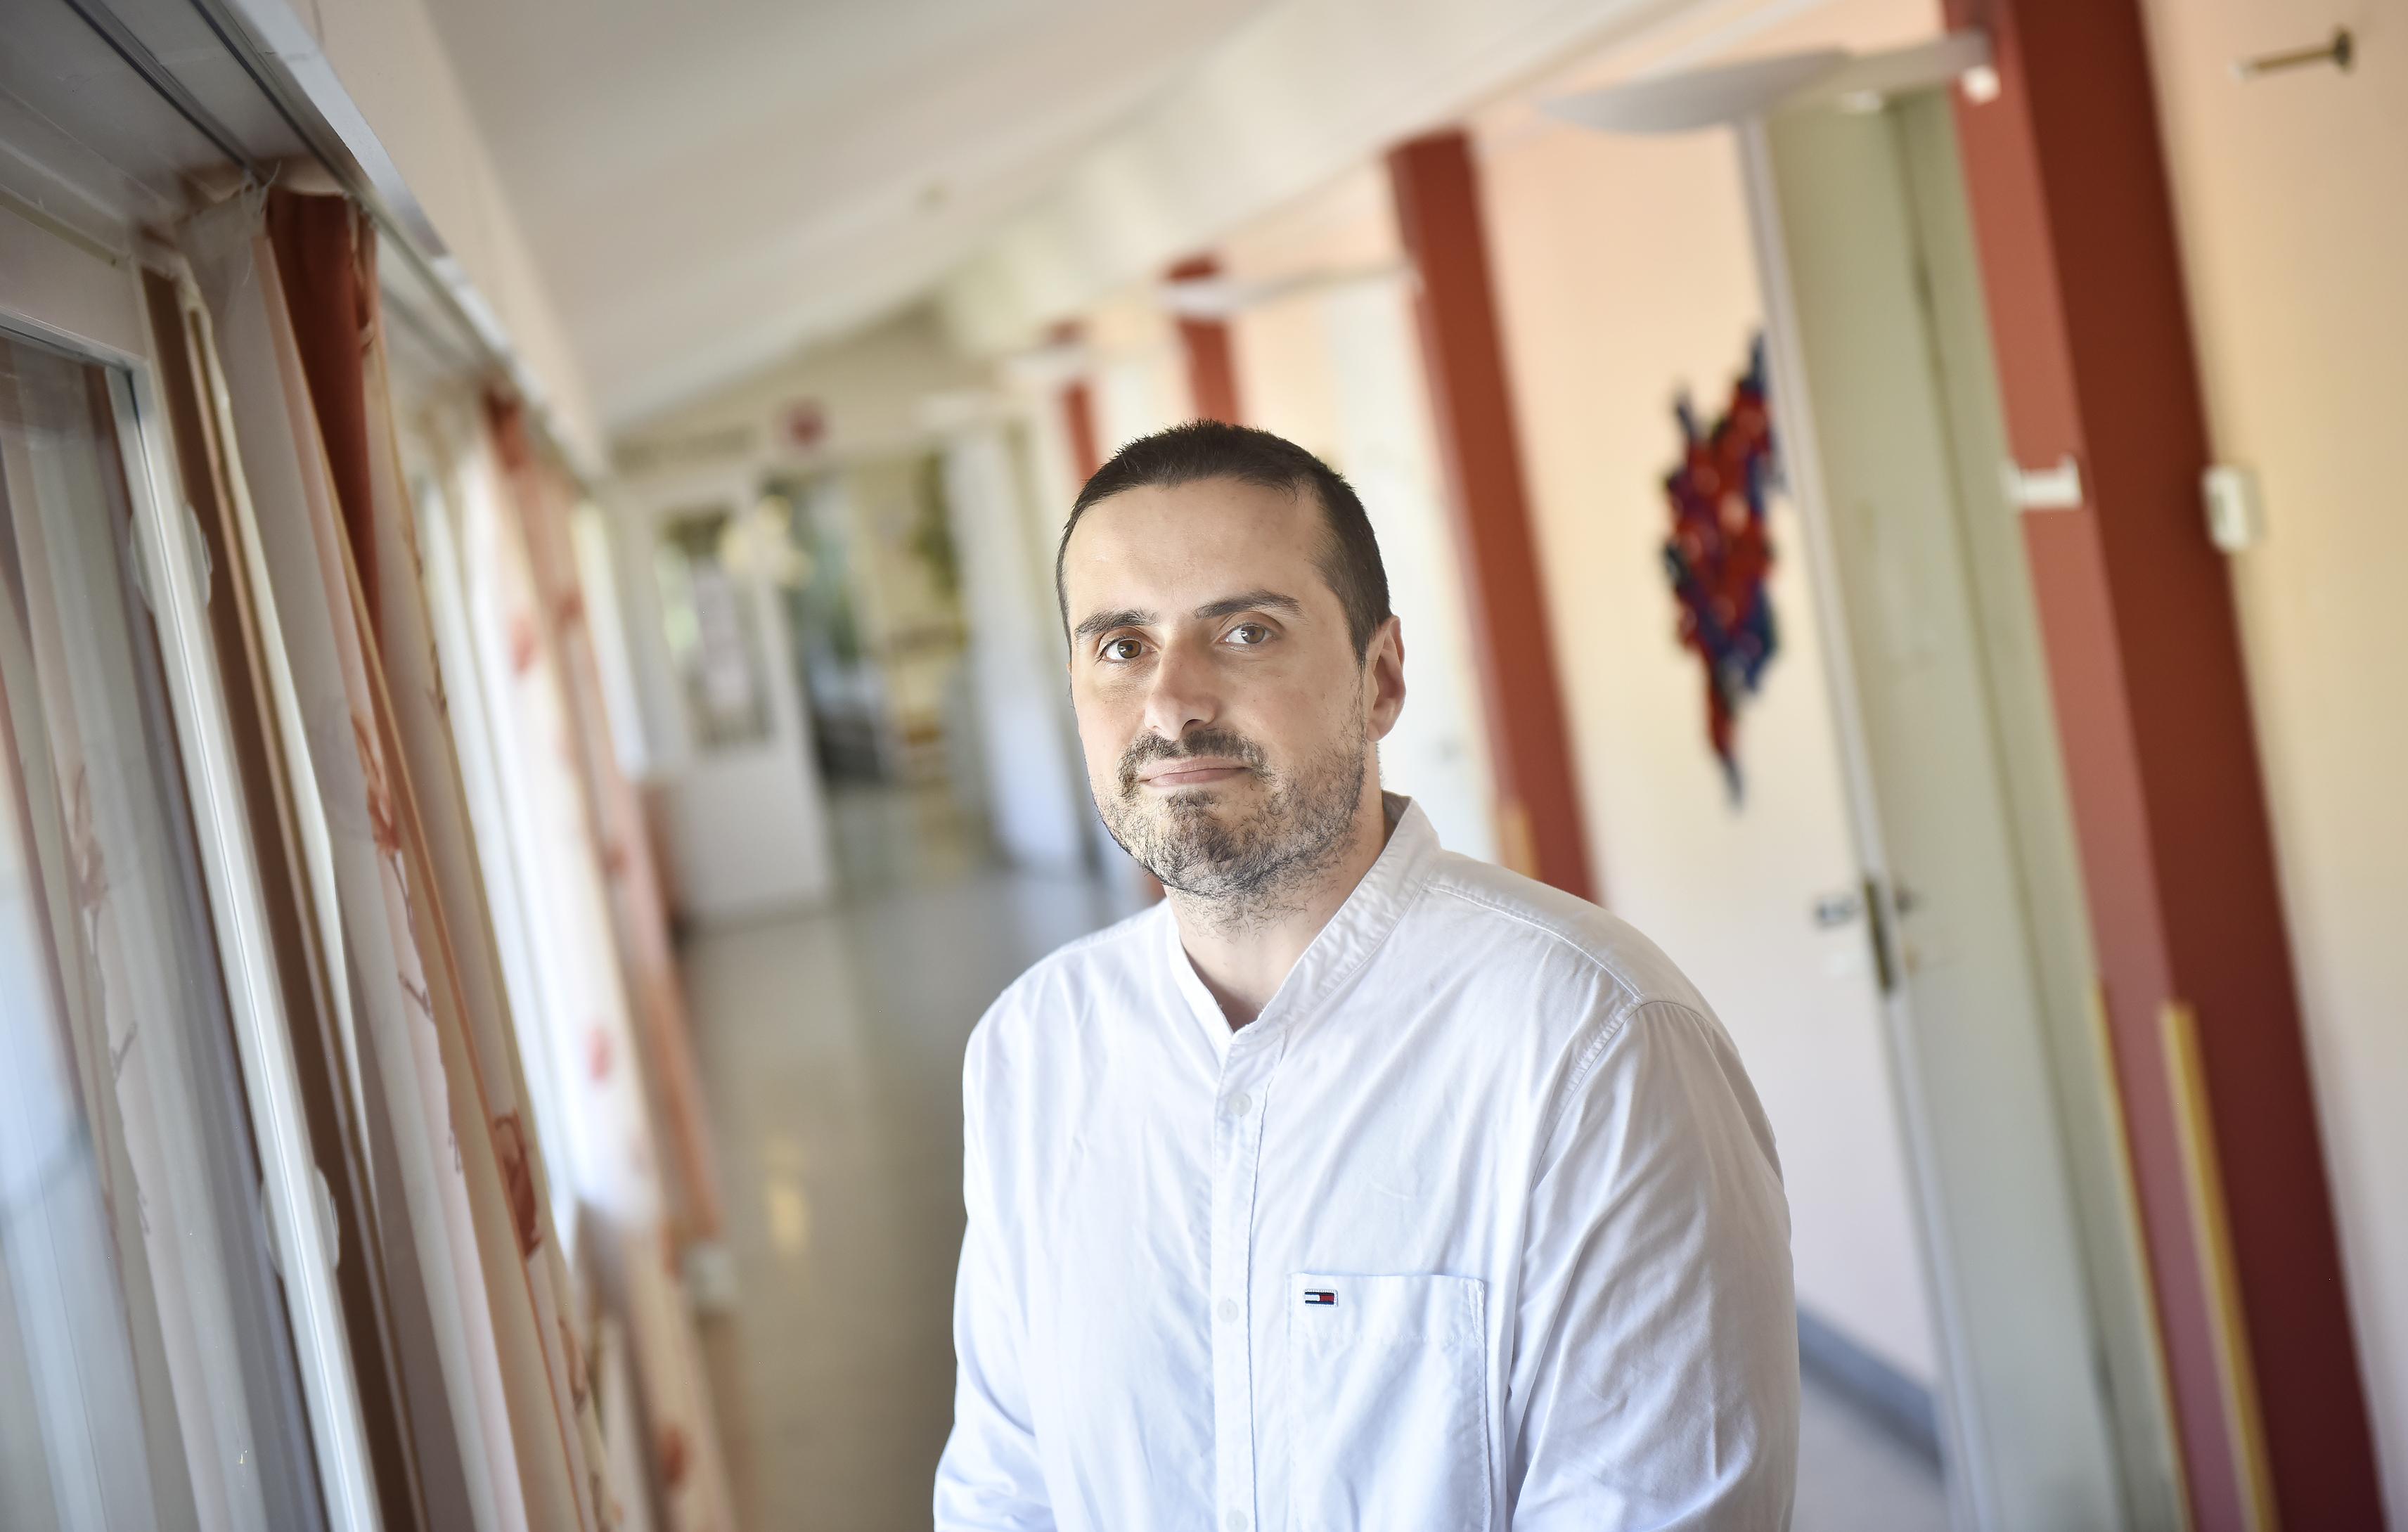 Många av de psykogeriatriska patienterna är ensamma, utan anhöriga som talar för dem, eftersom deras psykiska sjukdom sliter på familjebanden. –?De är helt beroende av oss, säger Arsim Zekaj, förbundsdirektör på Oasen.